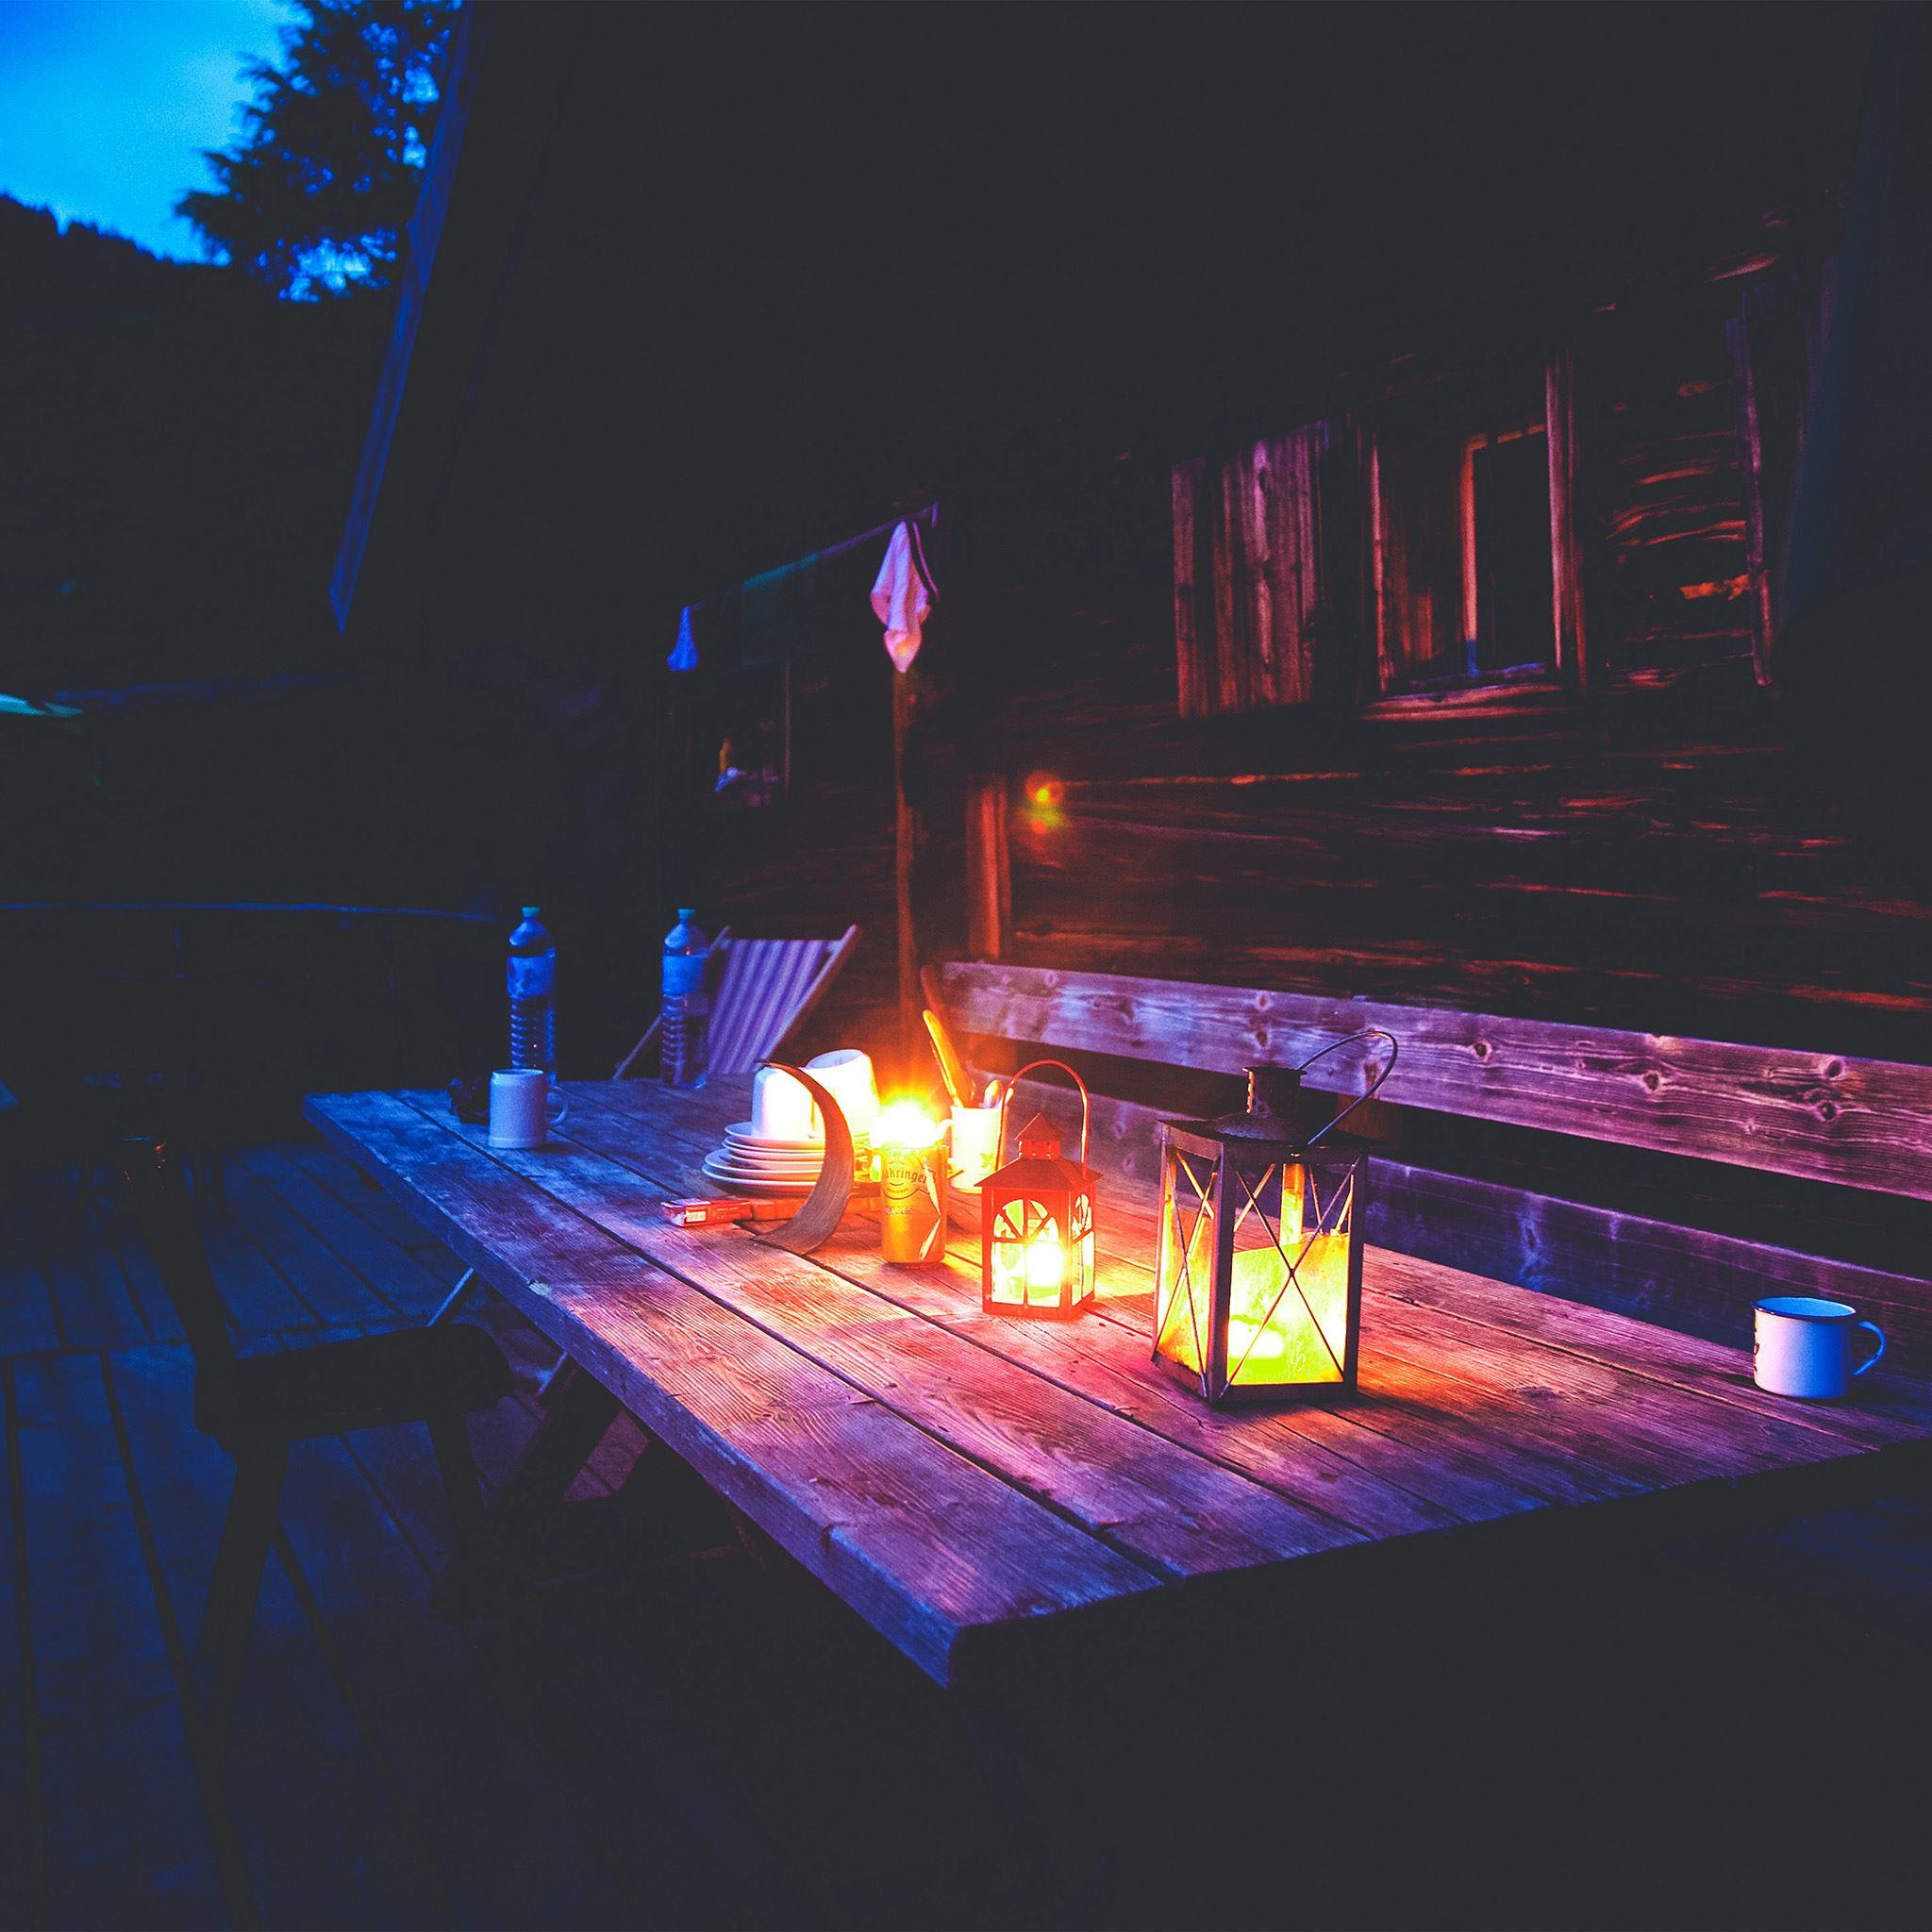 Camping night light summer iPad Air wallpaper